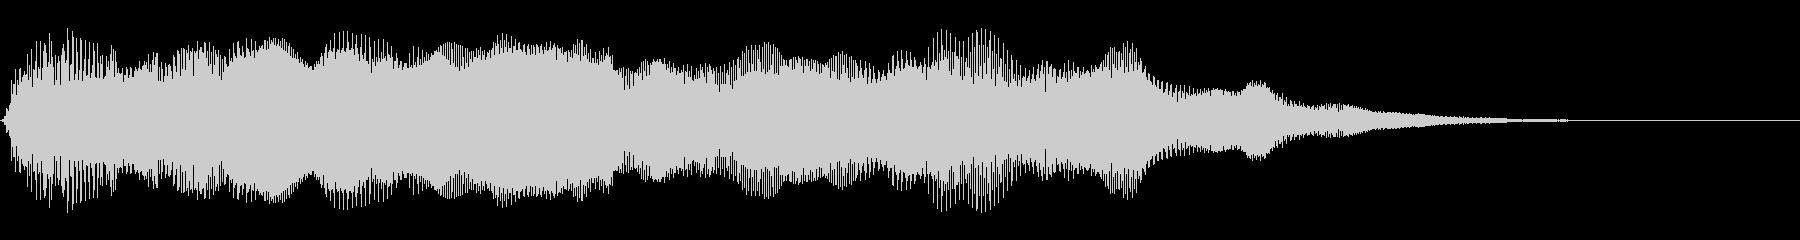 スムーズなシンセアクセント8の未再生の波形